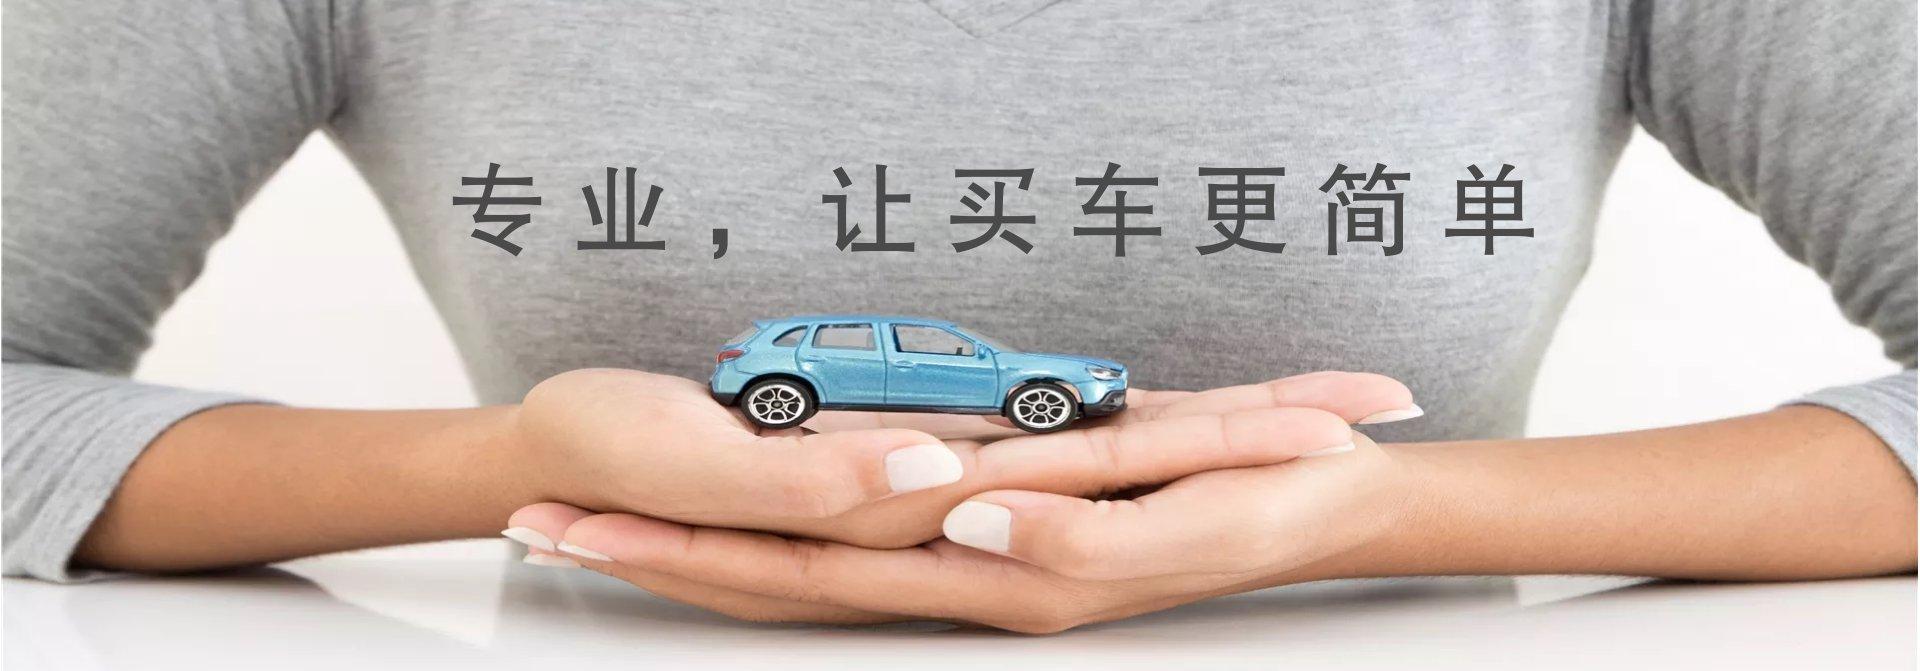 汉中技捷改车